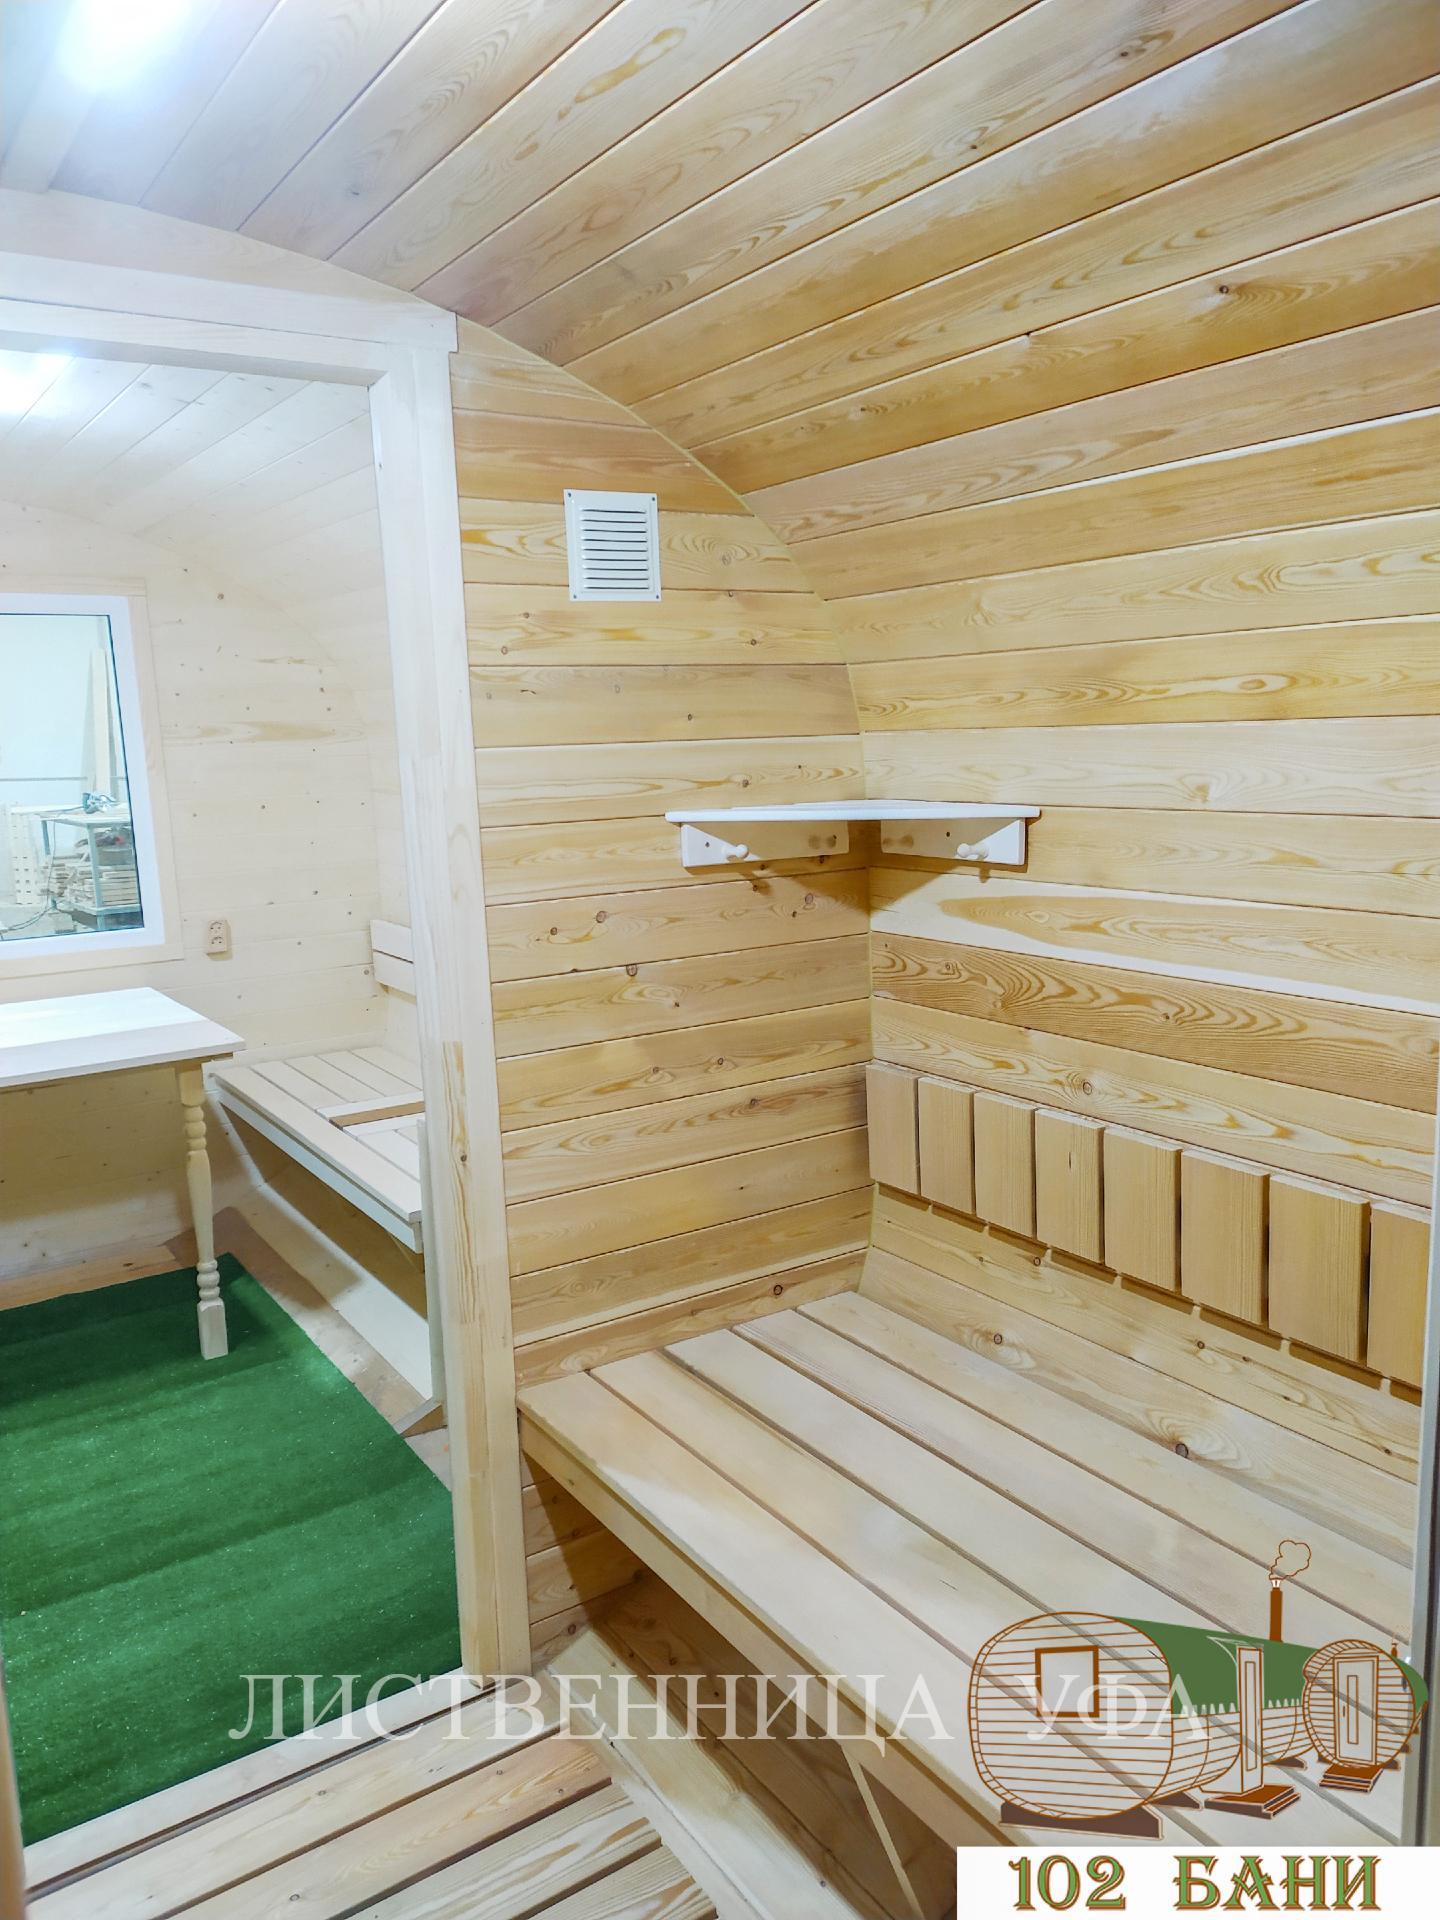 баня из кедра и лиственницы